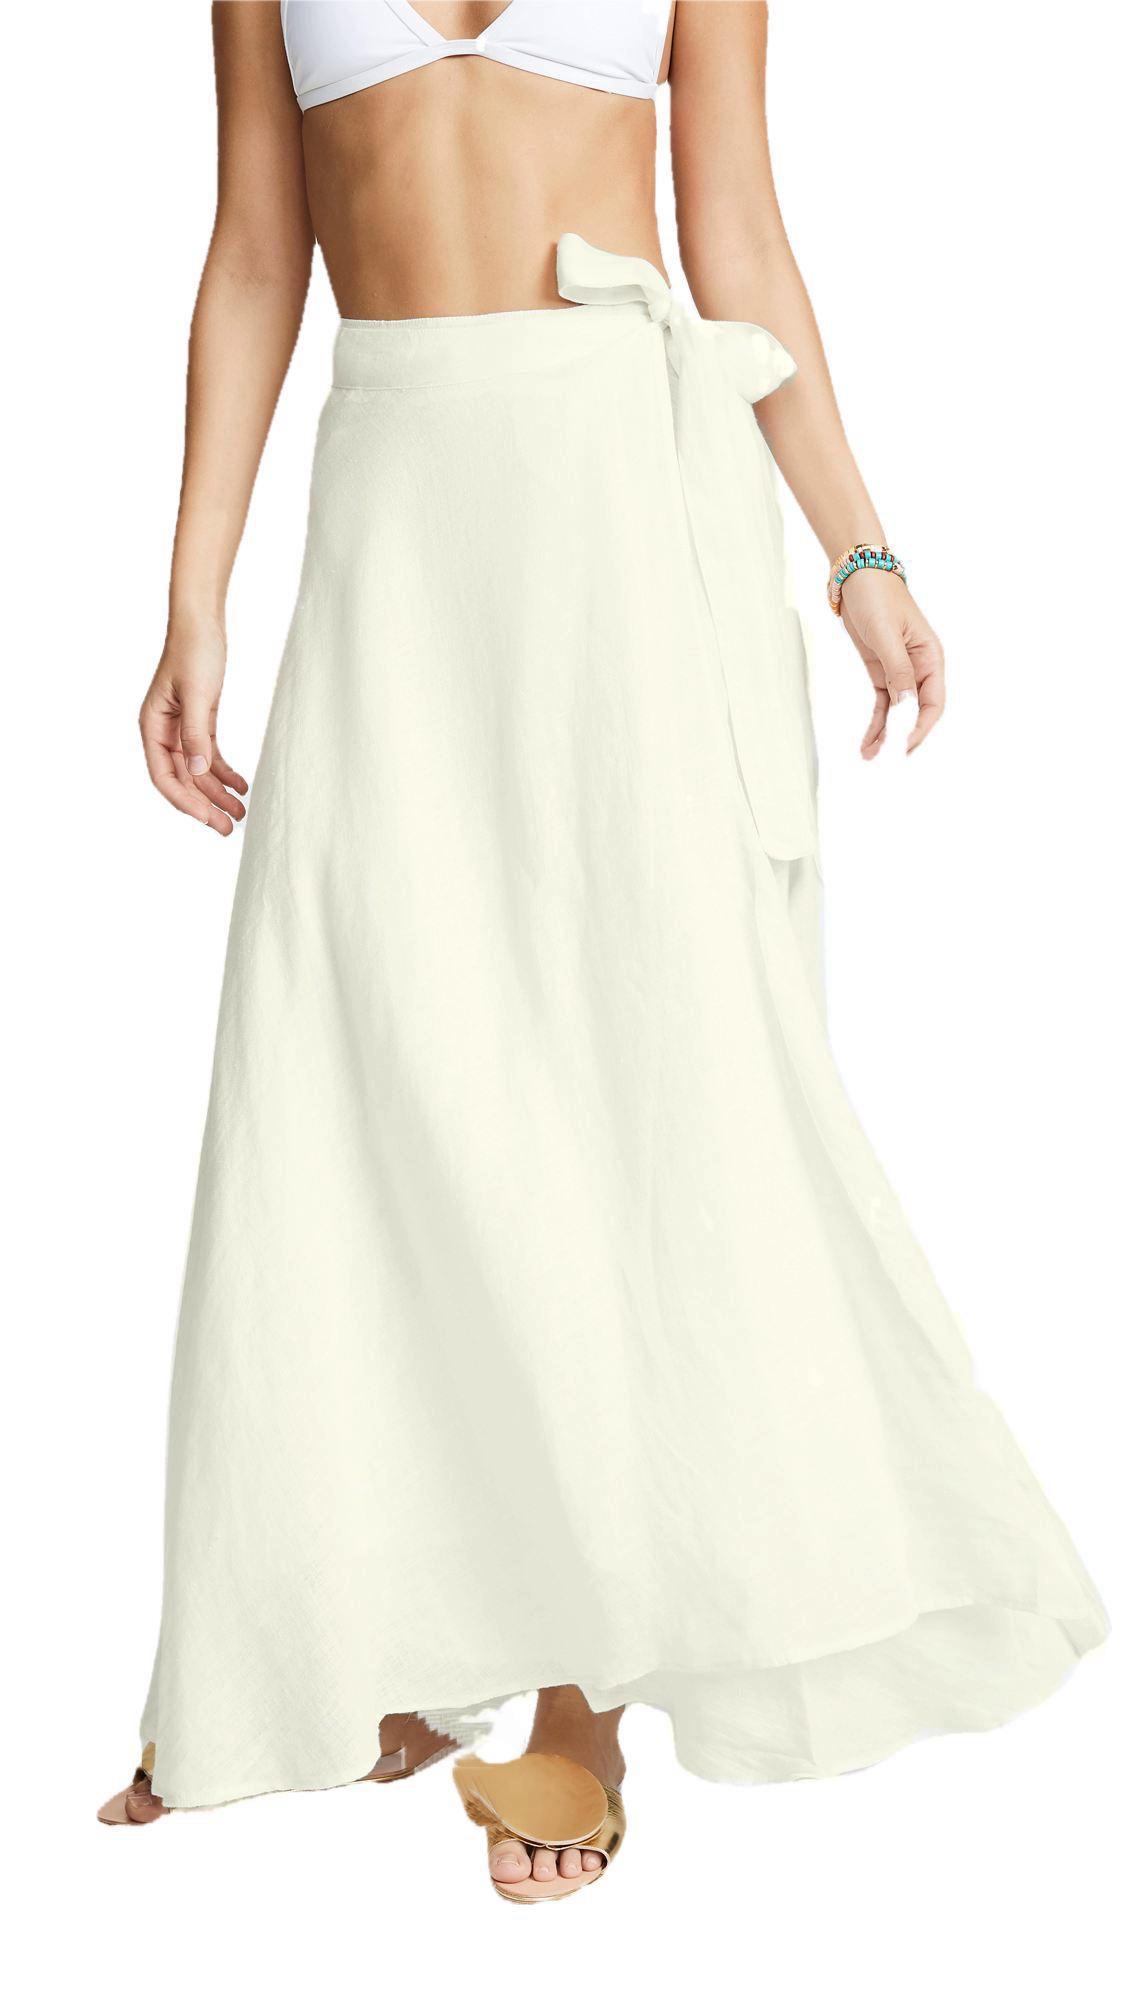 Flared Full Length Wrap Skirt  in Off-White